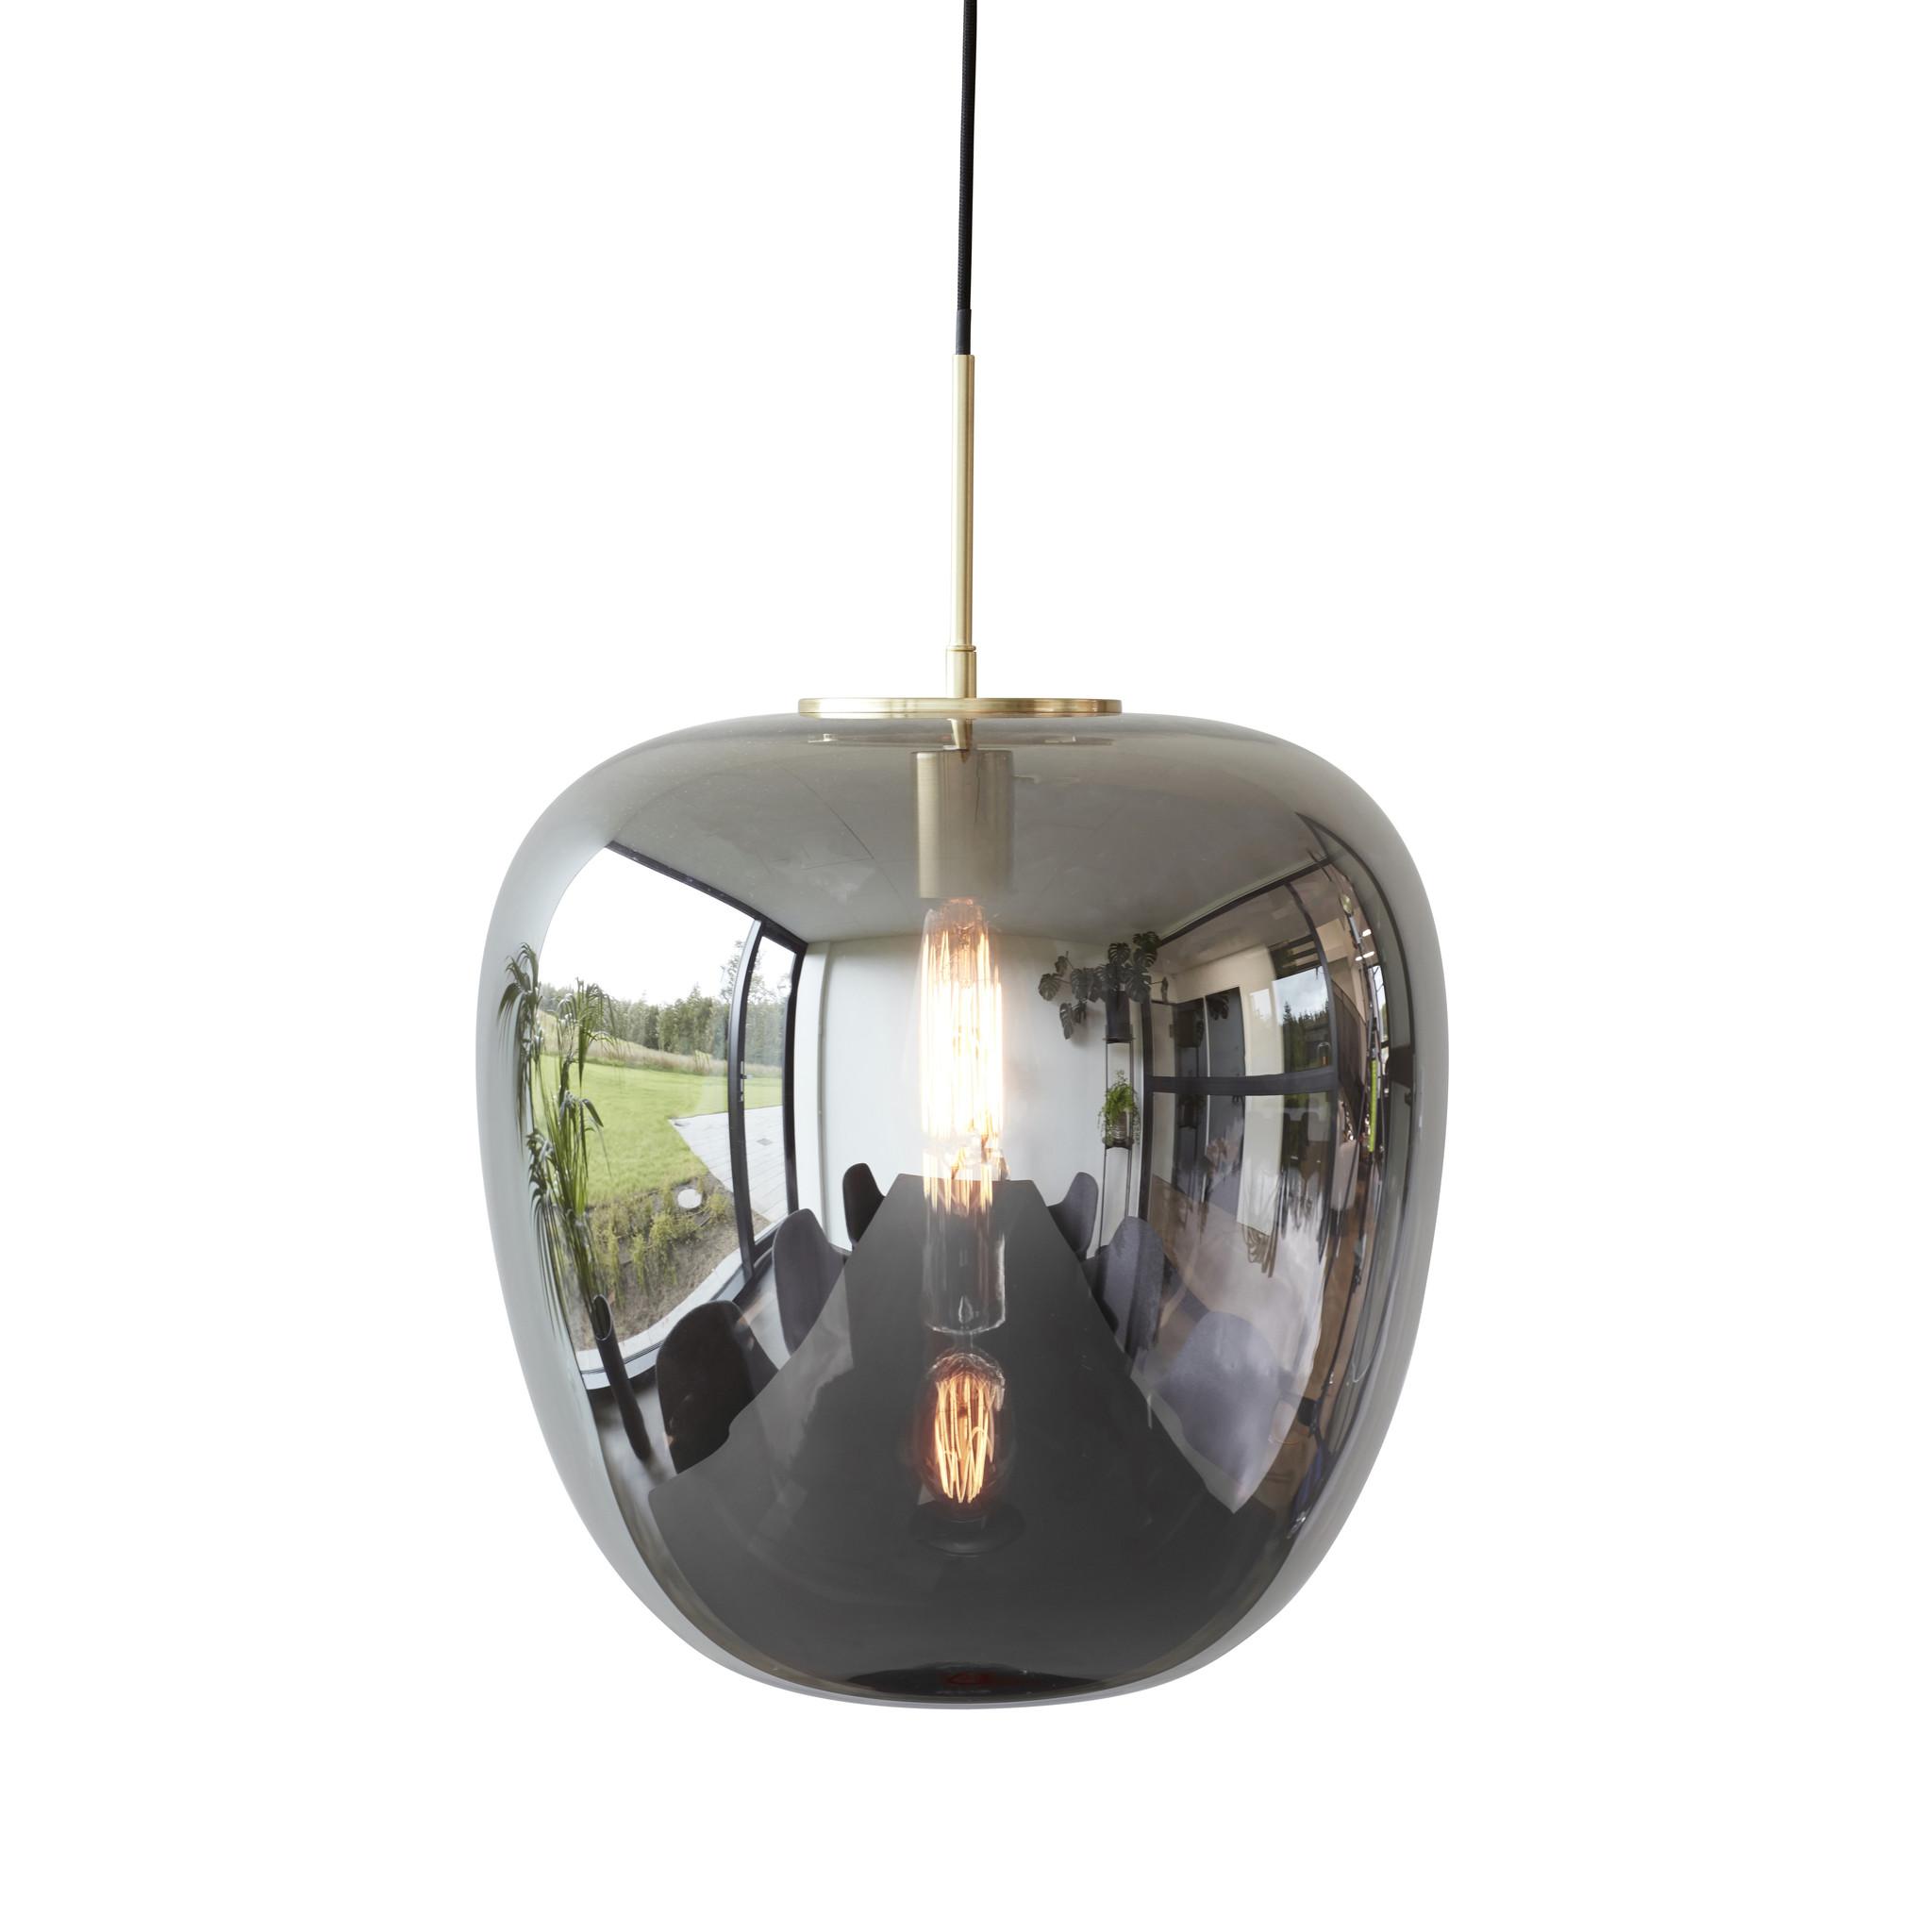 Hubsch Hanglamp glas spiegel/messing-990602-5712772063743